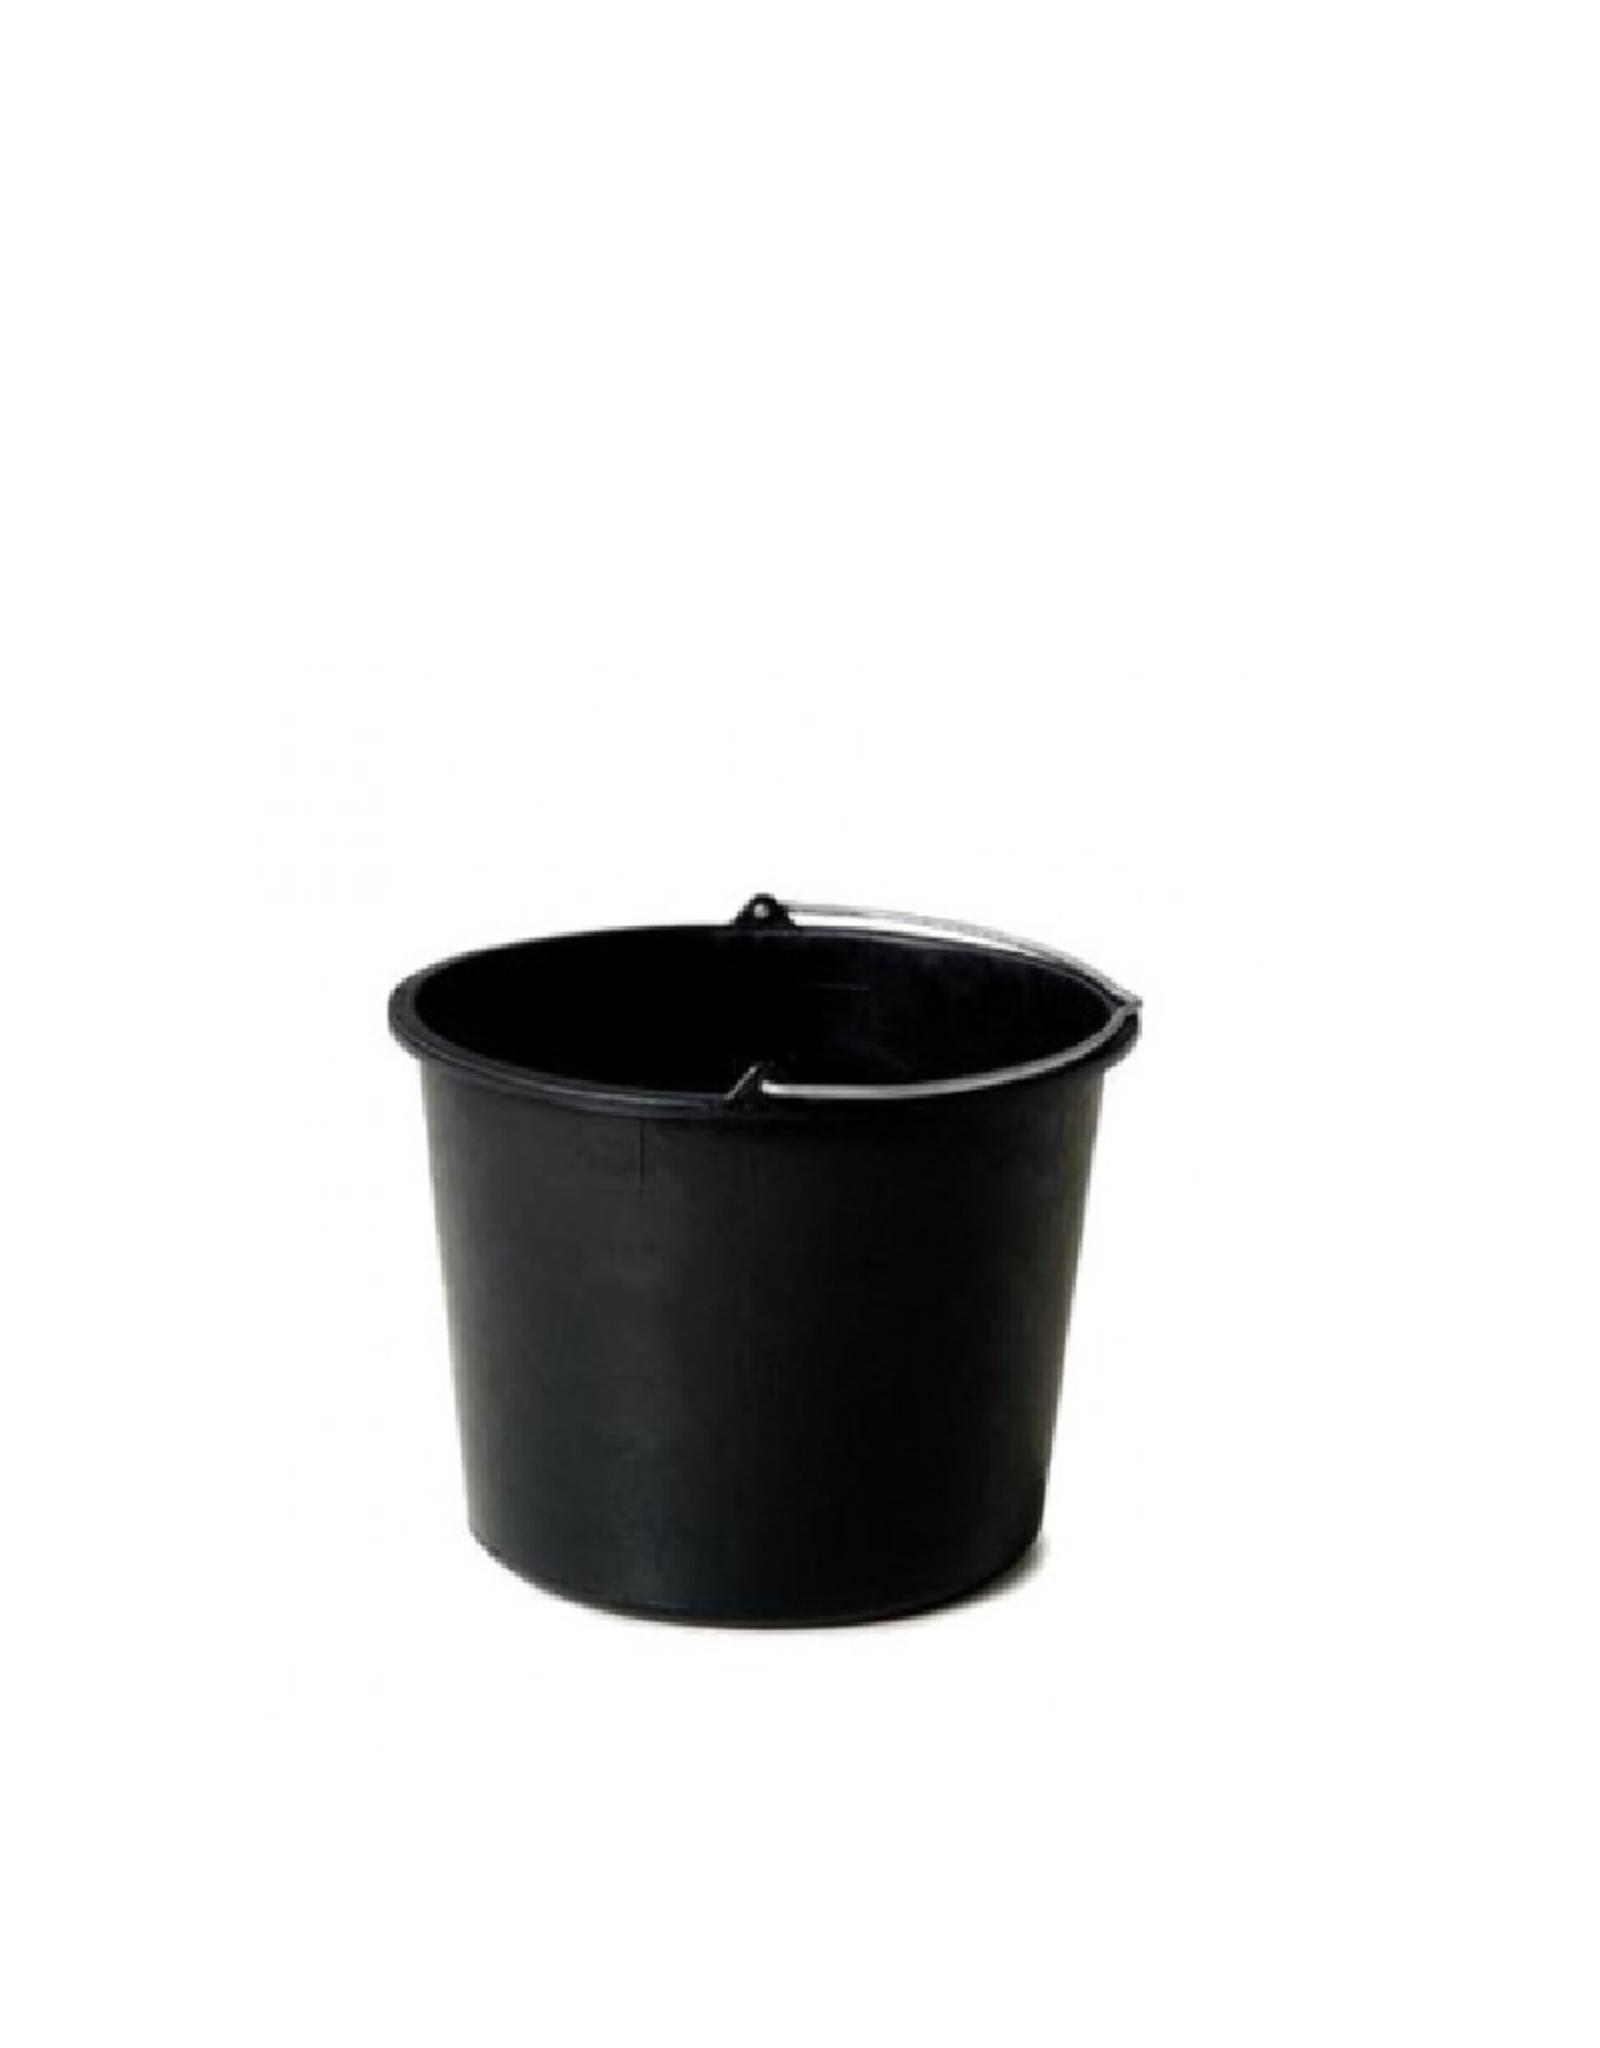 Zwarte emmer 12 liter